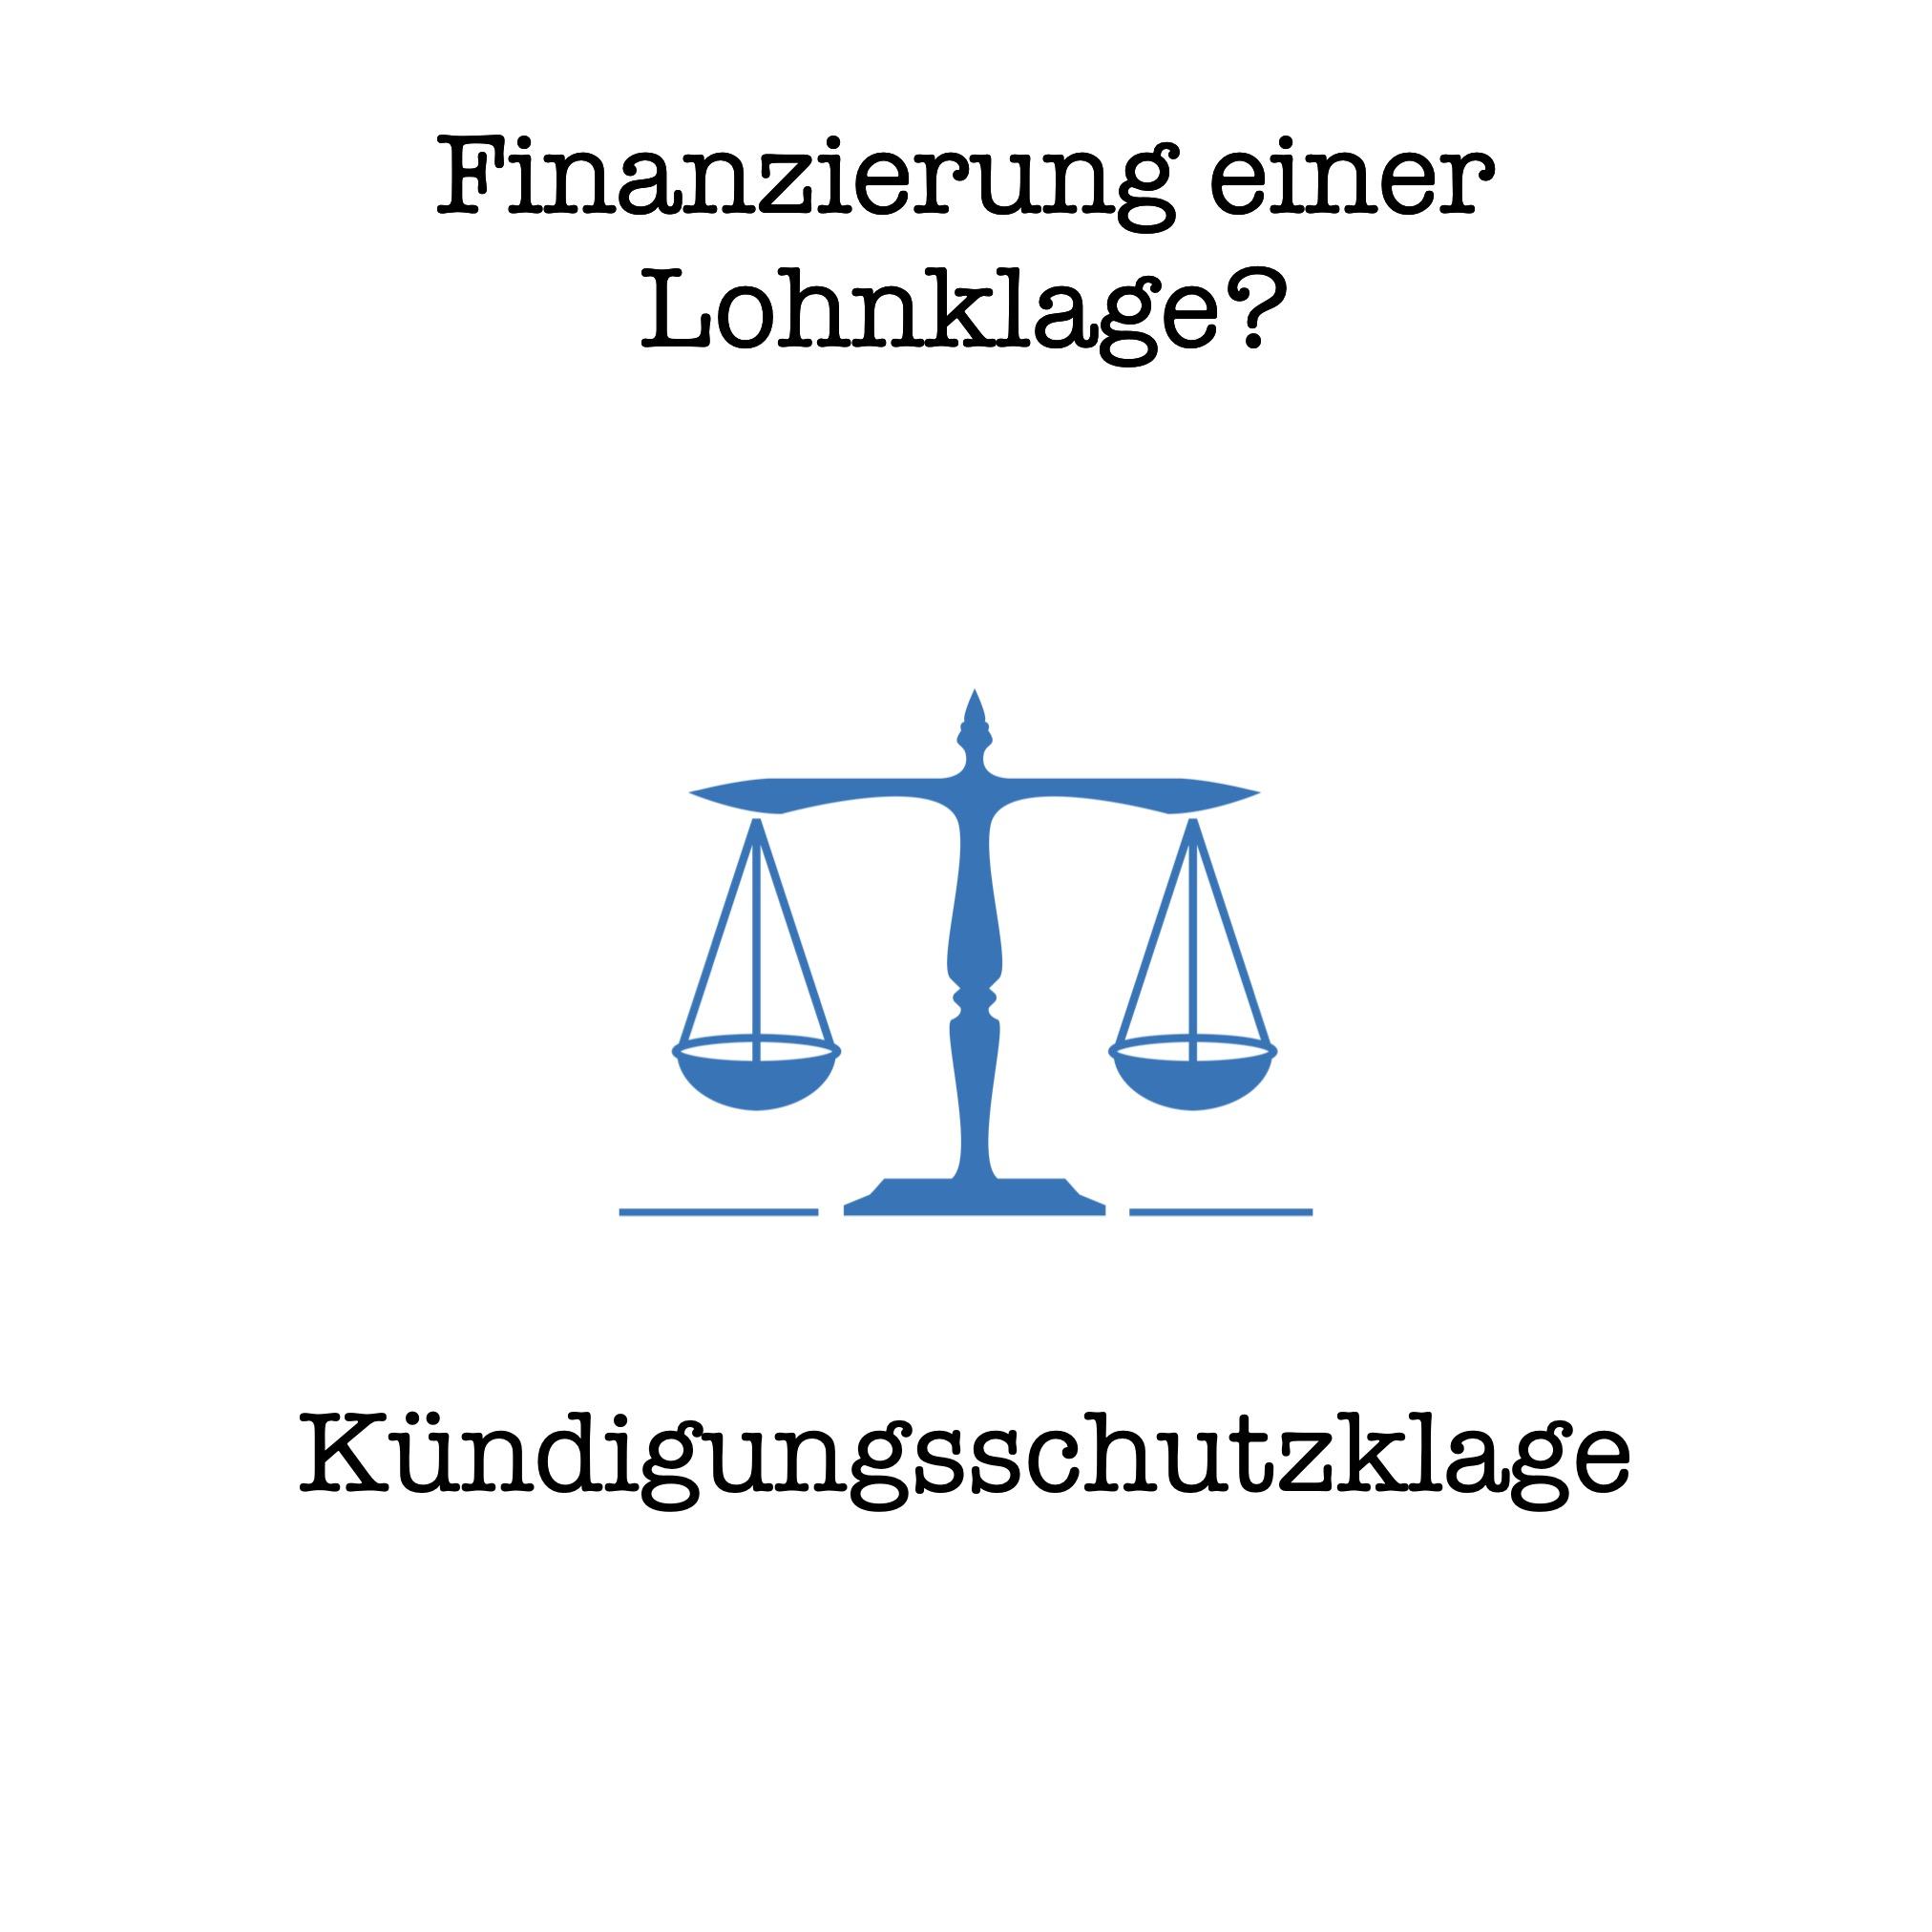 Wie finanziere ich eine Lohnklage/ Kündigungsschutzklage?